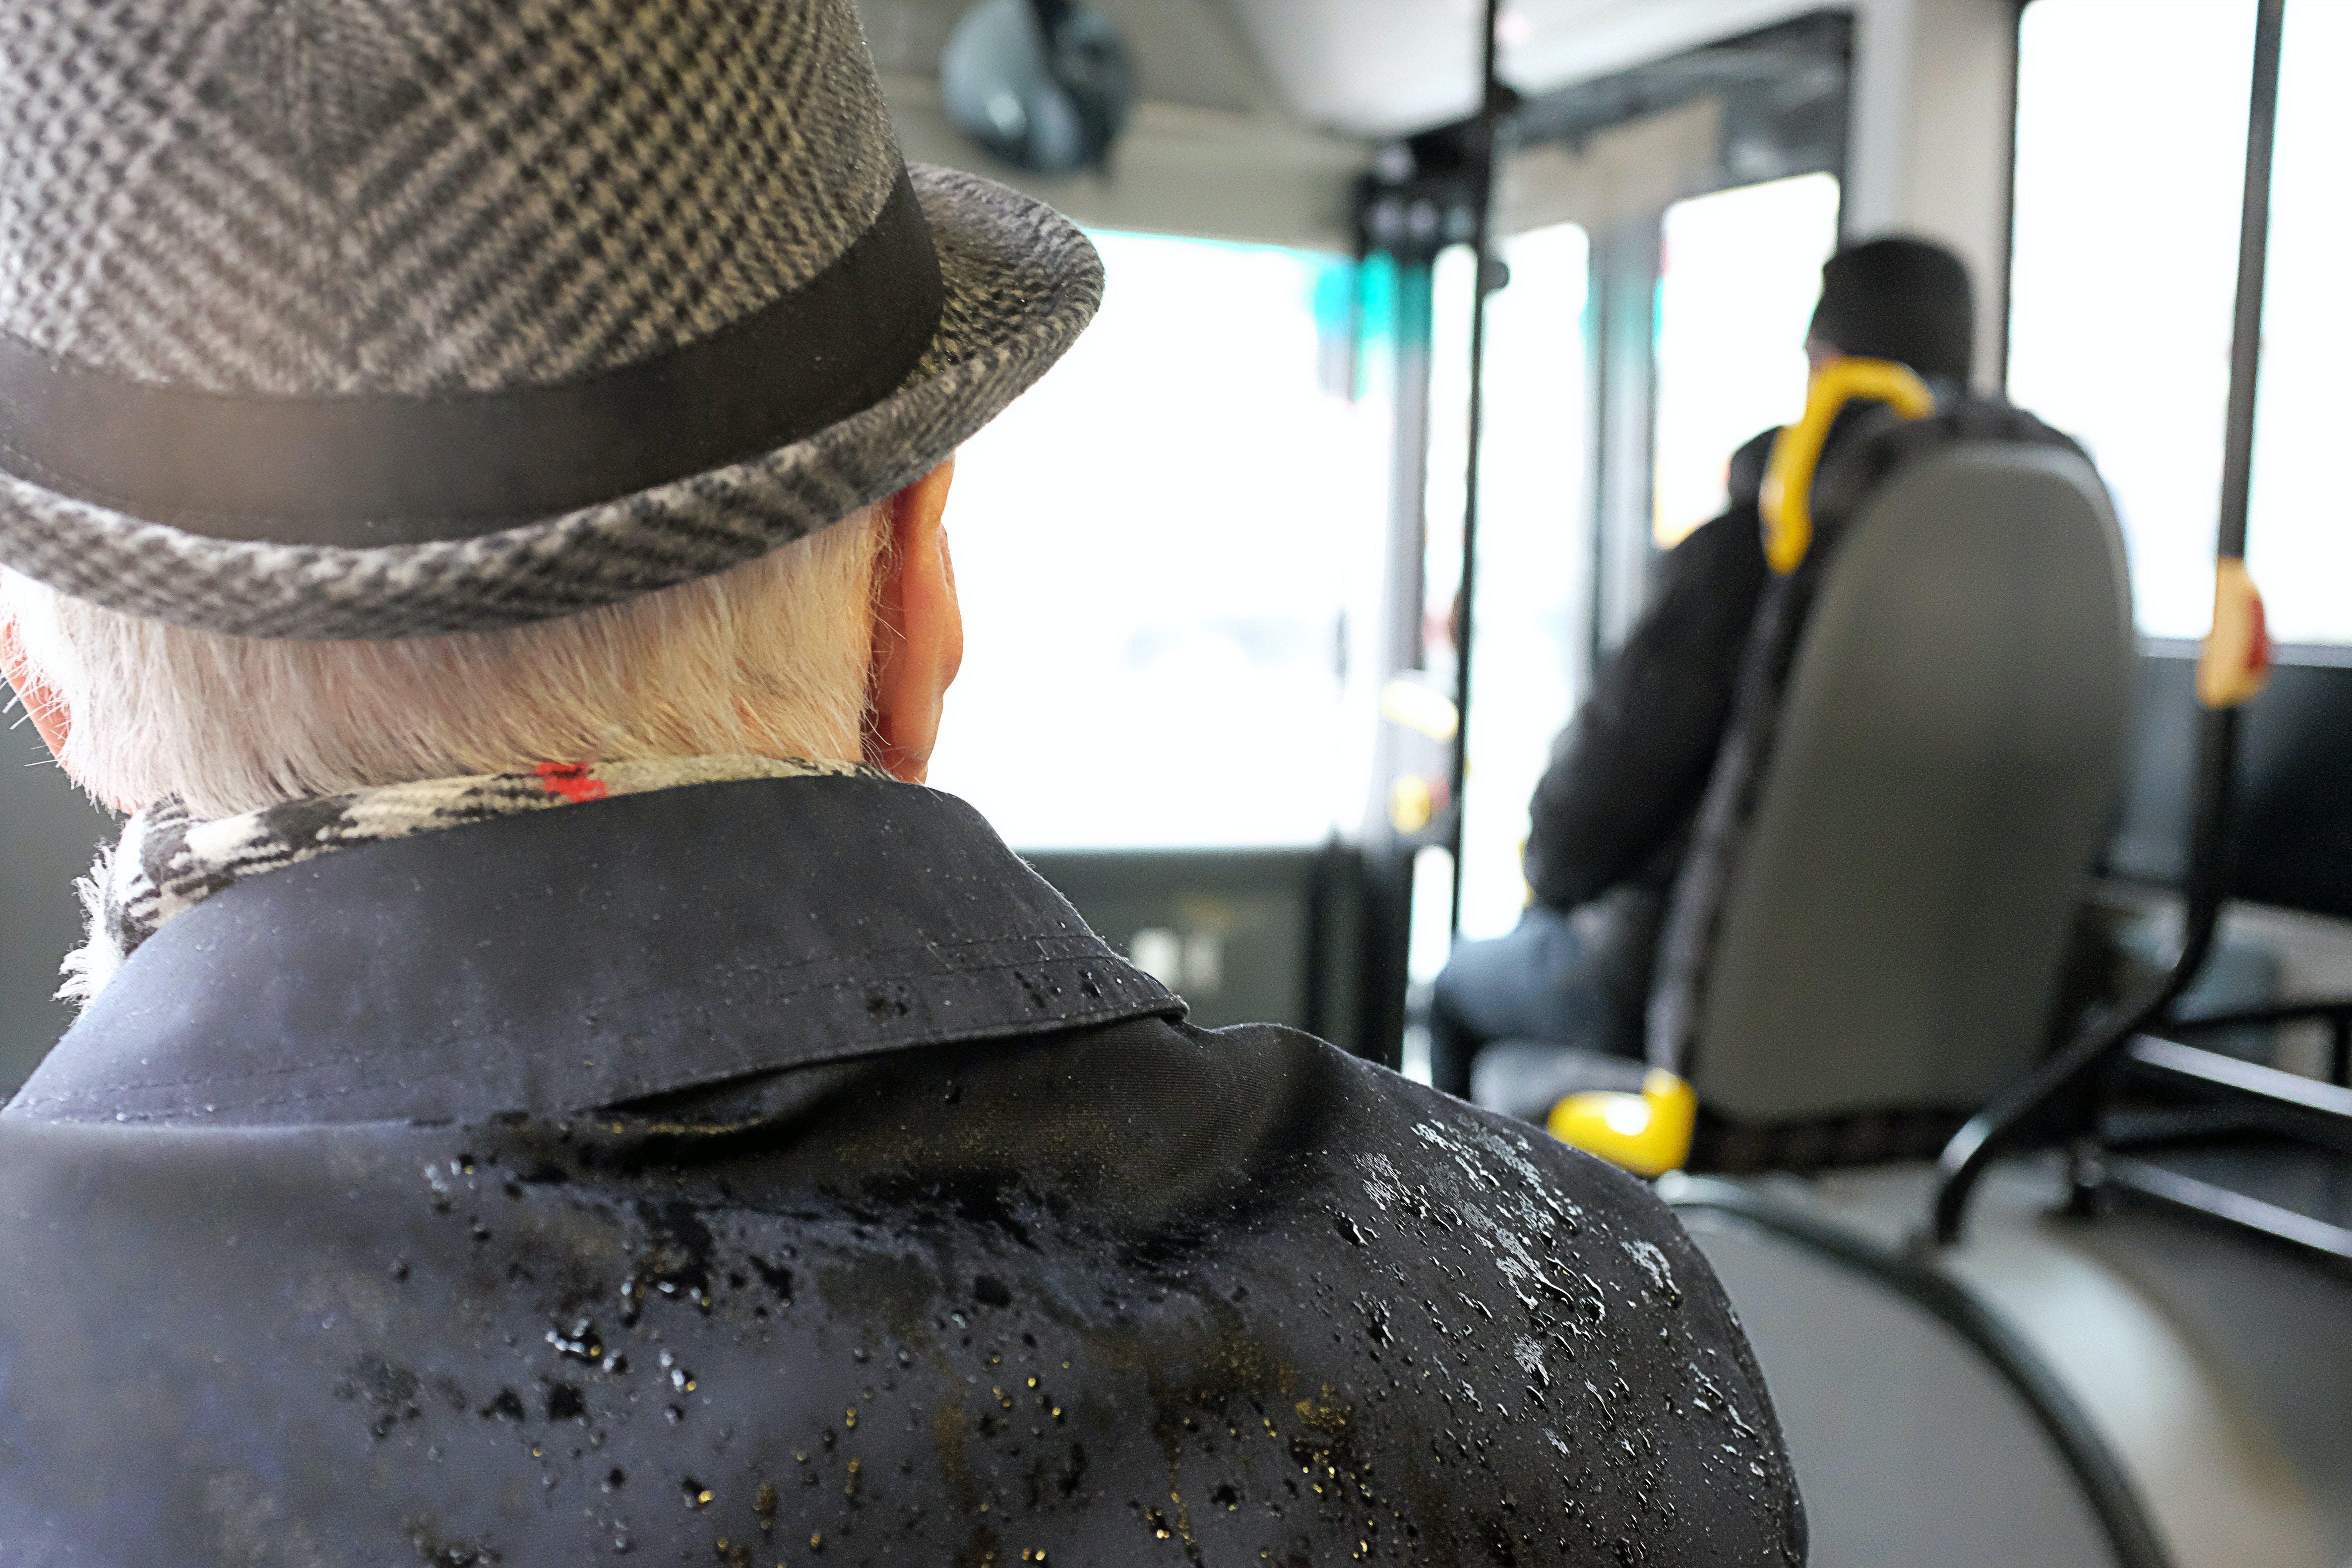 Man Wearing Black Coat While Wet